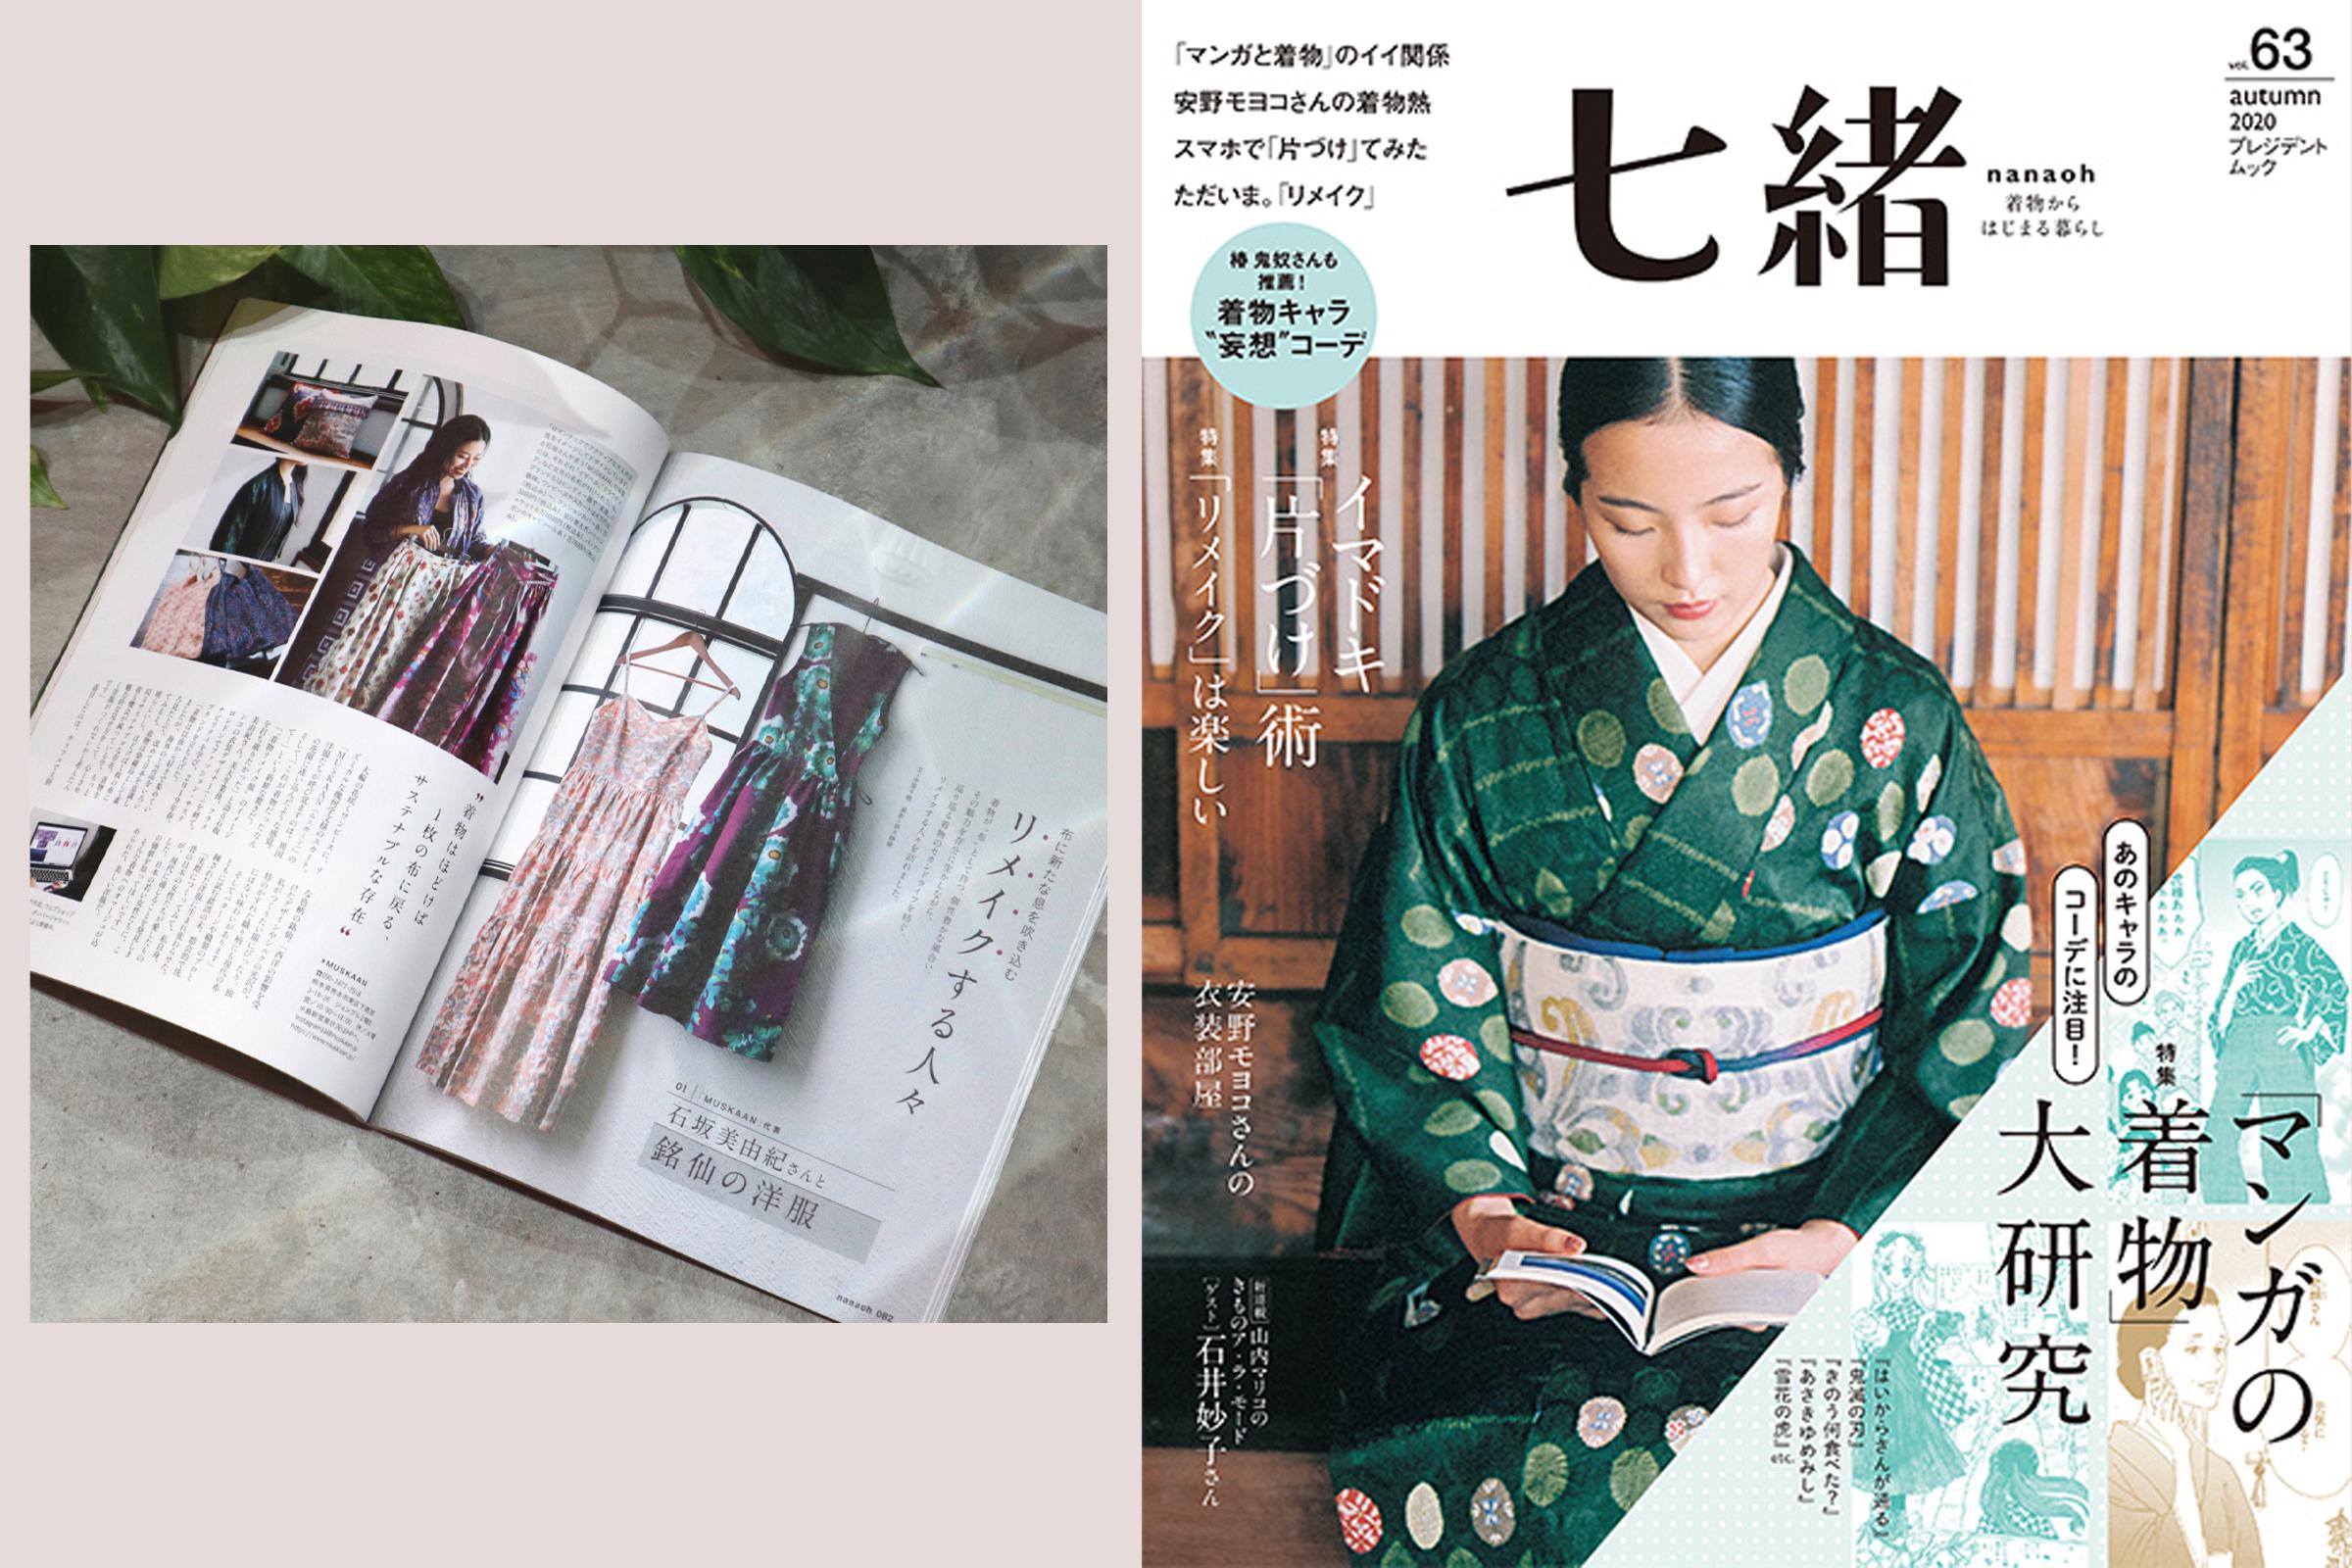 【雑誌掲載】七緒 vol.63 2020年秋号